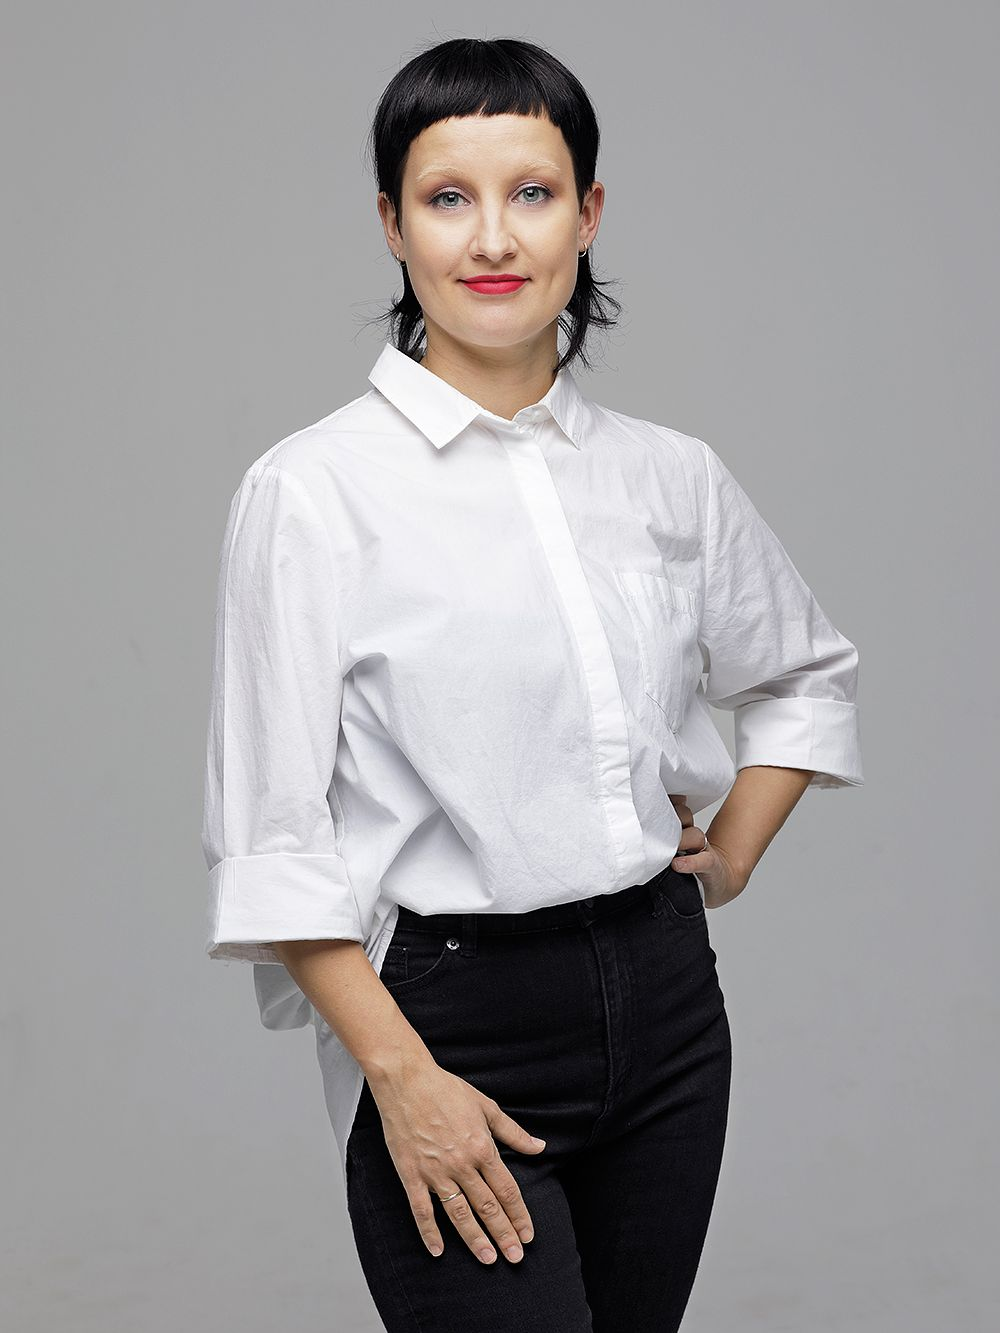 Elina Ulvio